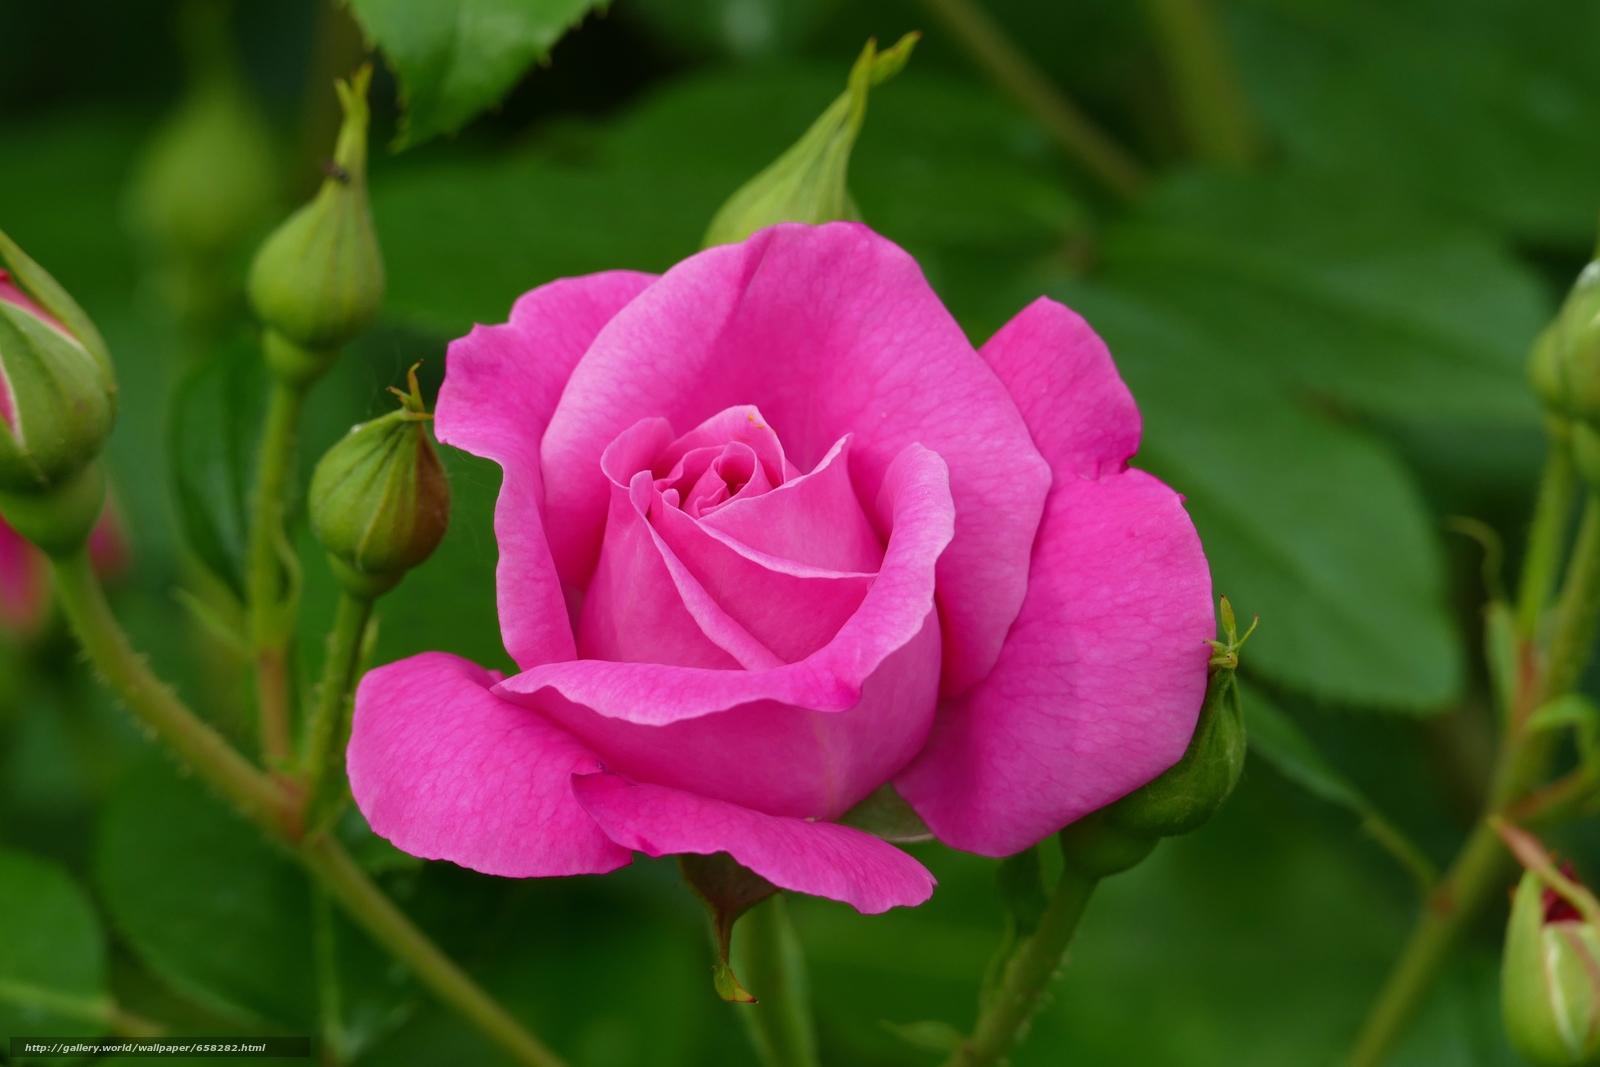 Скачать обои роза,  розы,  цветы,  флора бесплатно для рабочего стола в разрешении 5472x3648 — картинка №658282